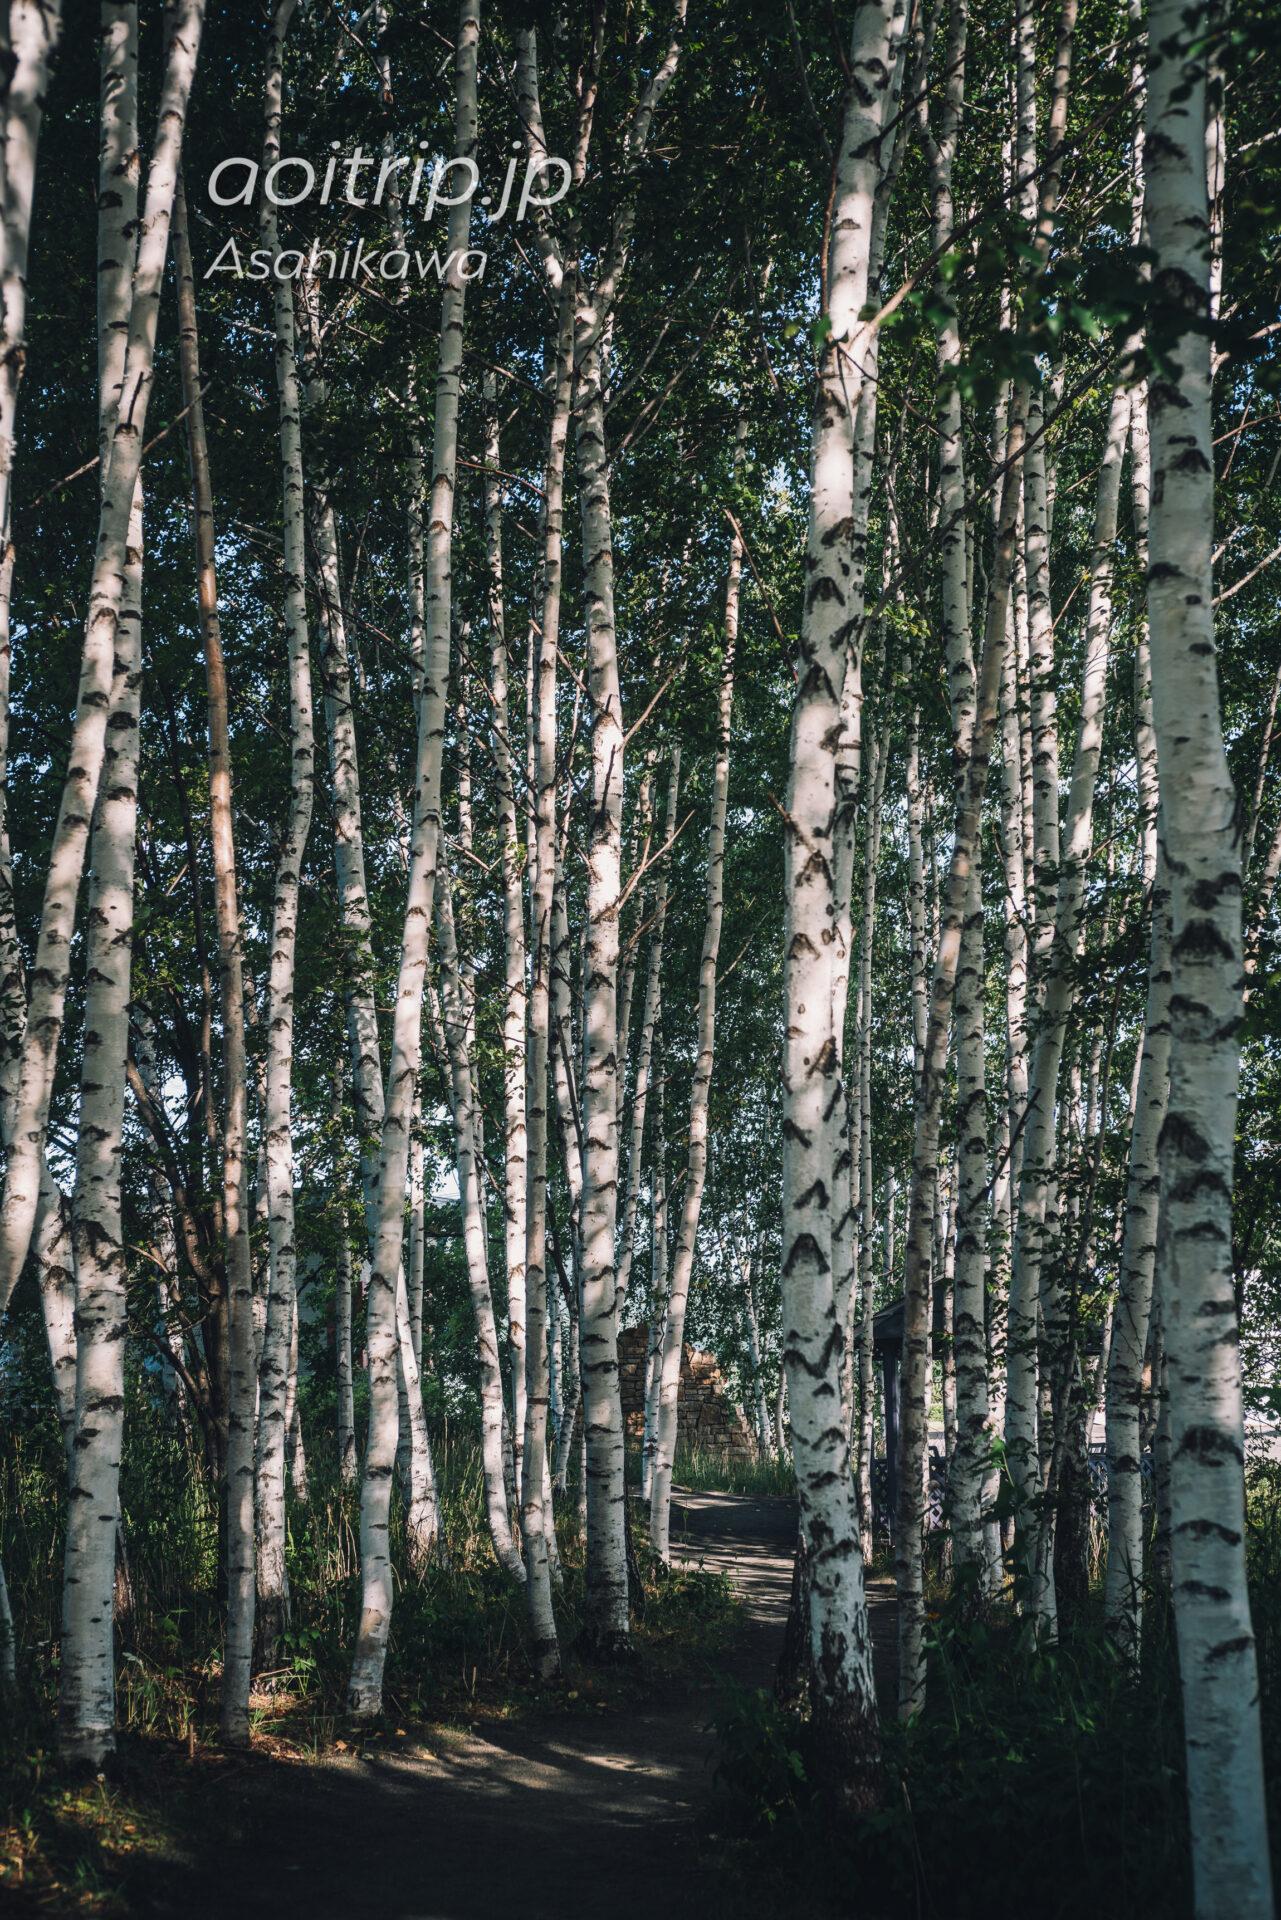 上野ファーム 白樺の小道 White Birch Path